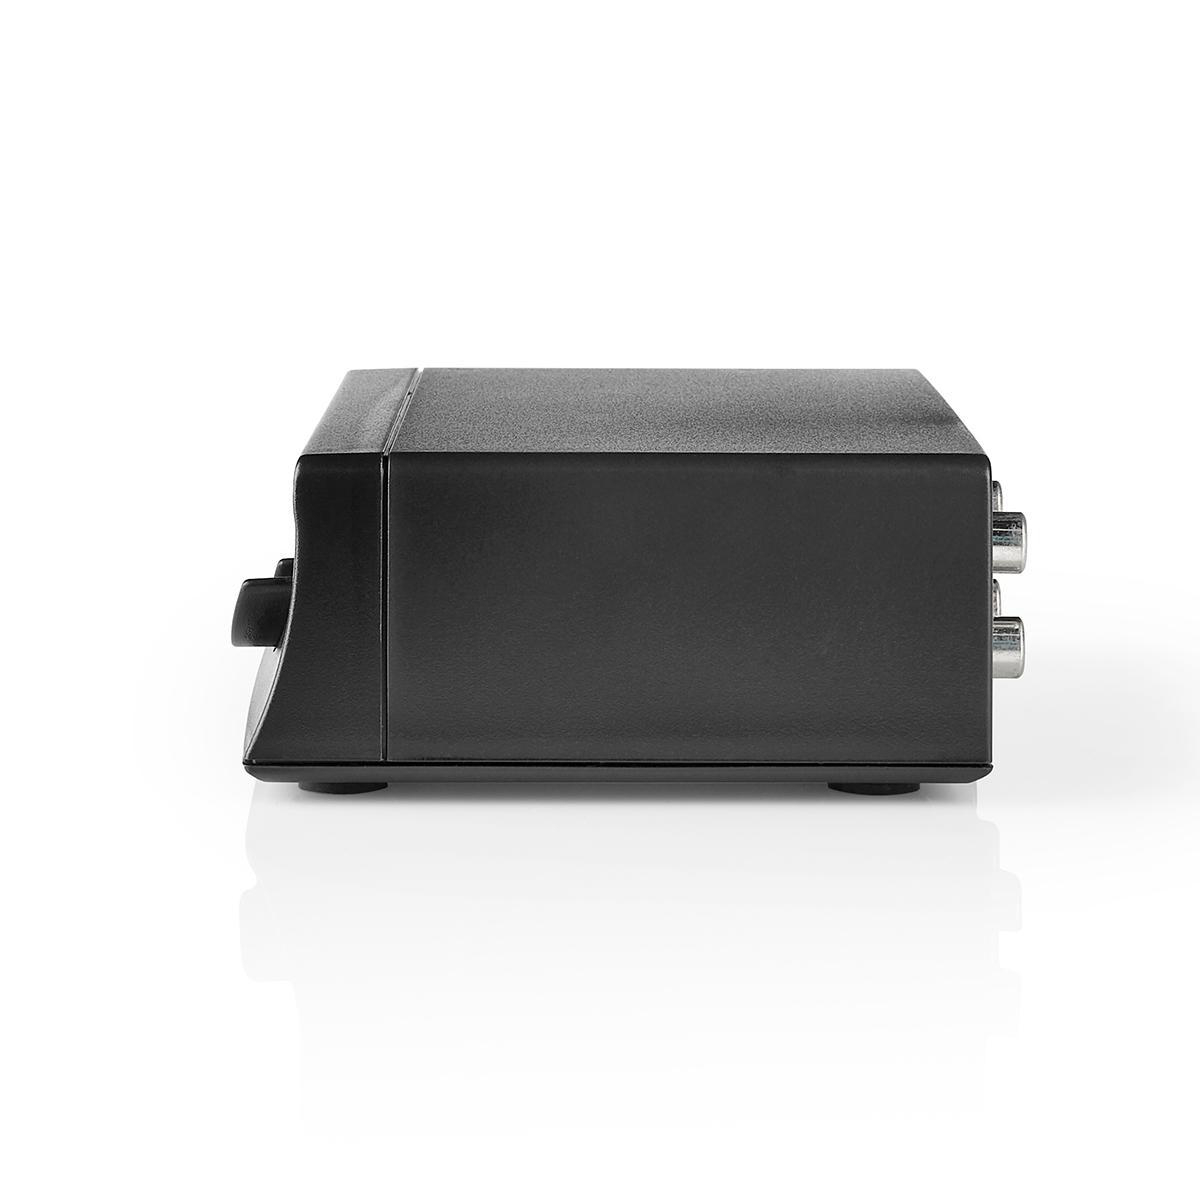 3X Nedis ASWI2403BK Commutateur Audio Analogique Noir 2X RCA Femelle - 2X RCA Femelle